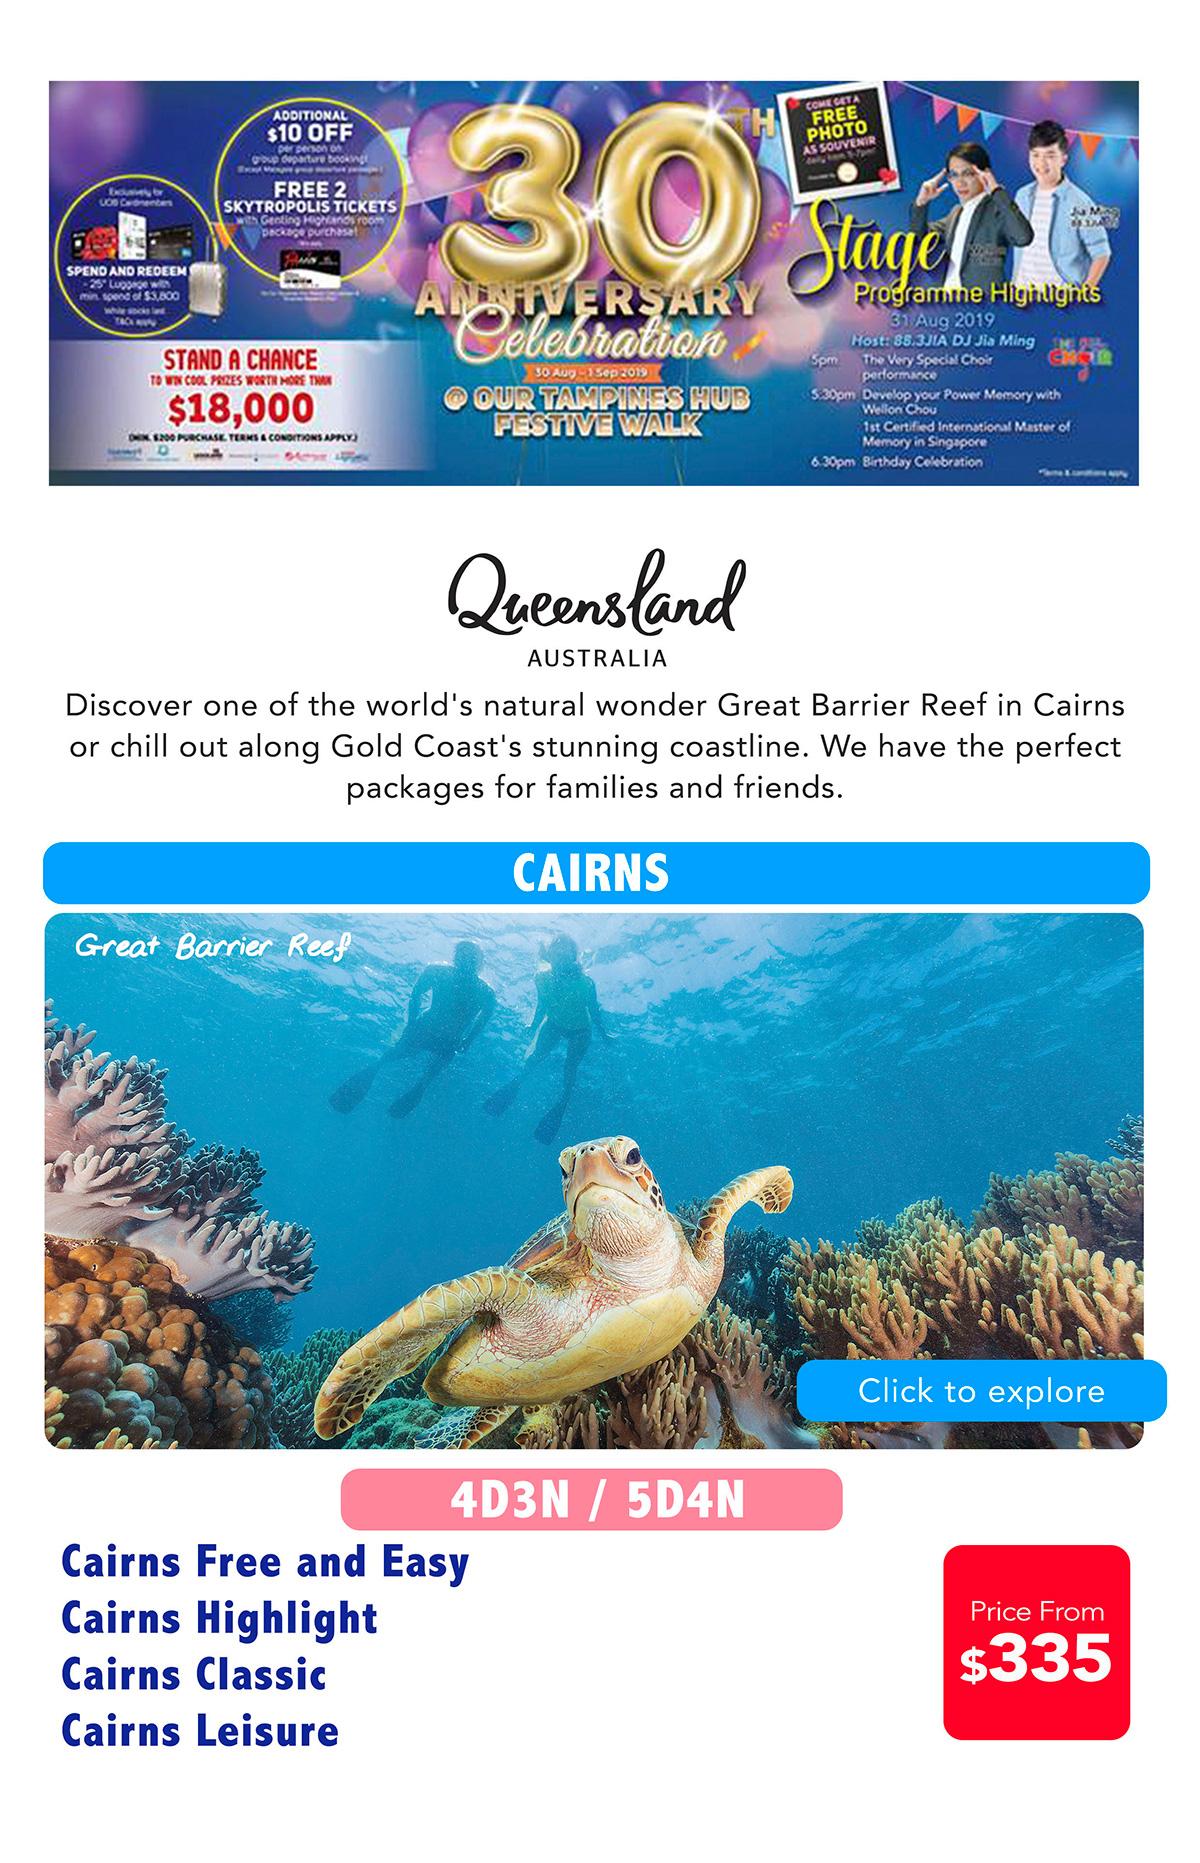 Queenslands EDM 27Aug19 01 V2